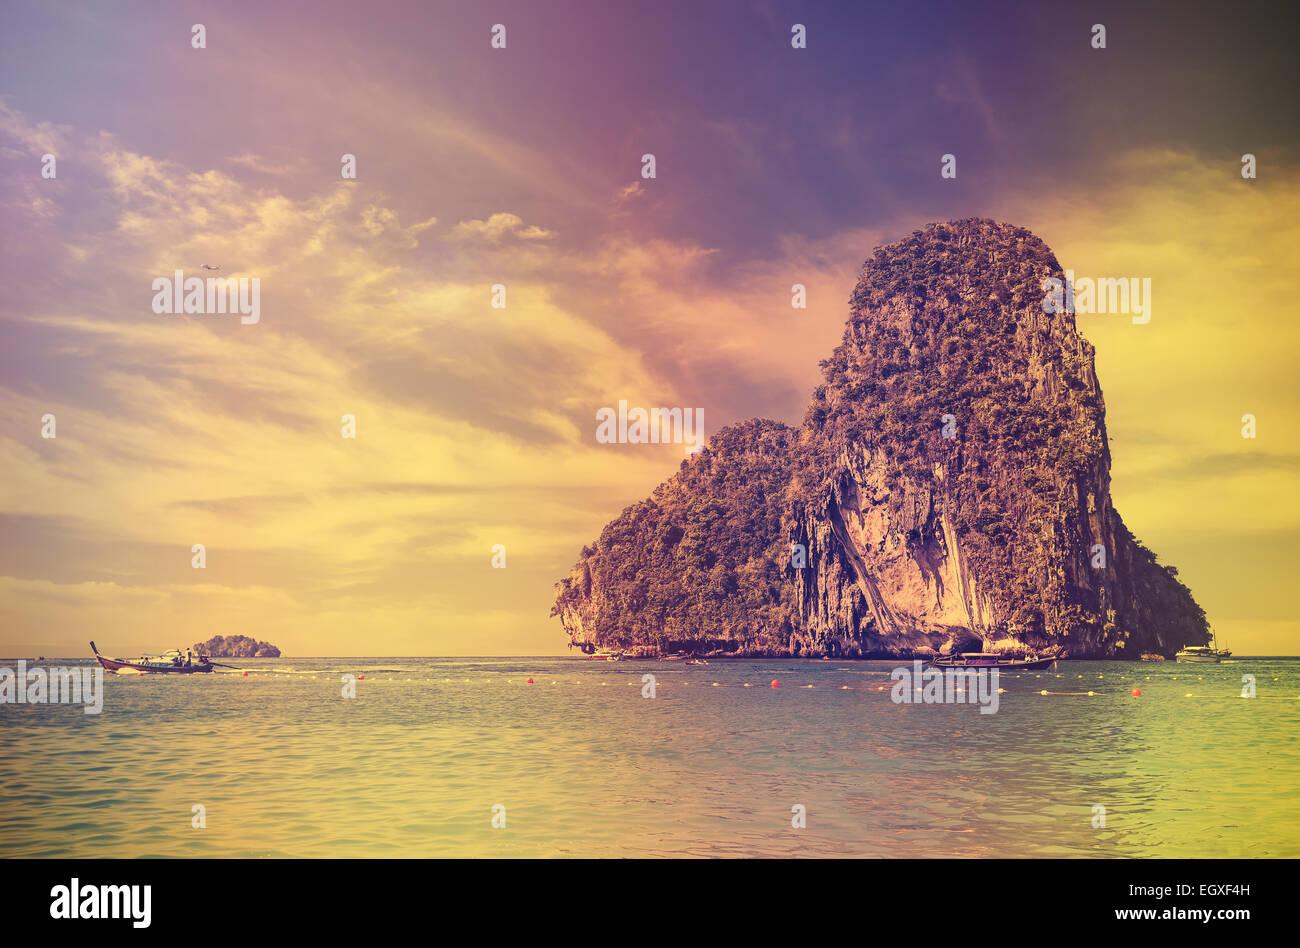 Style rétro vintage photo filtrée d'une île au coucher du soleil. Photo Stock